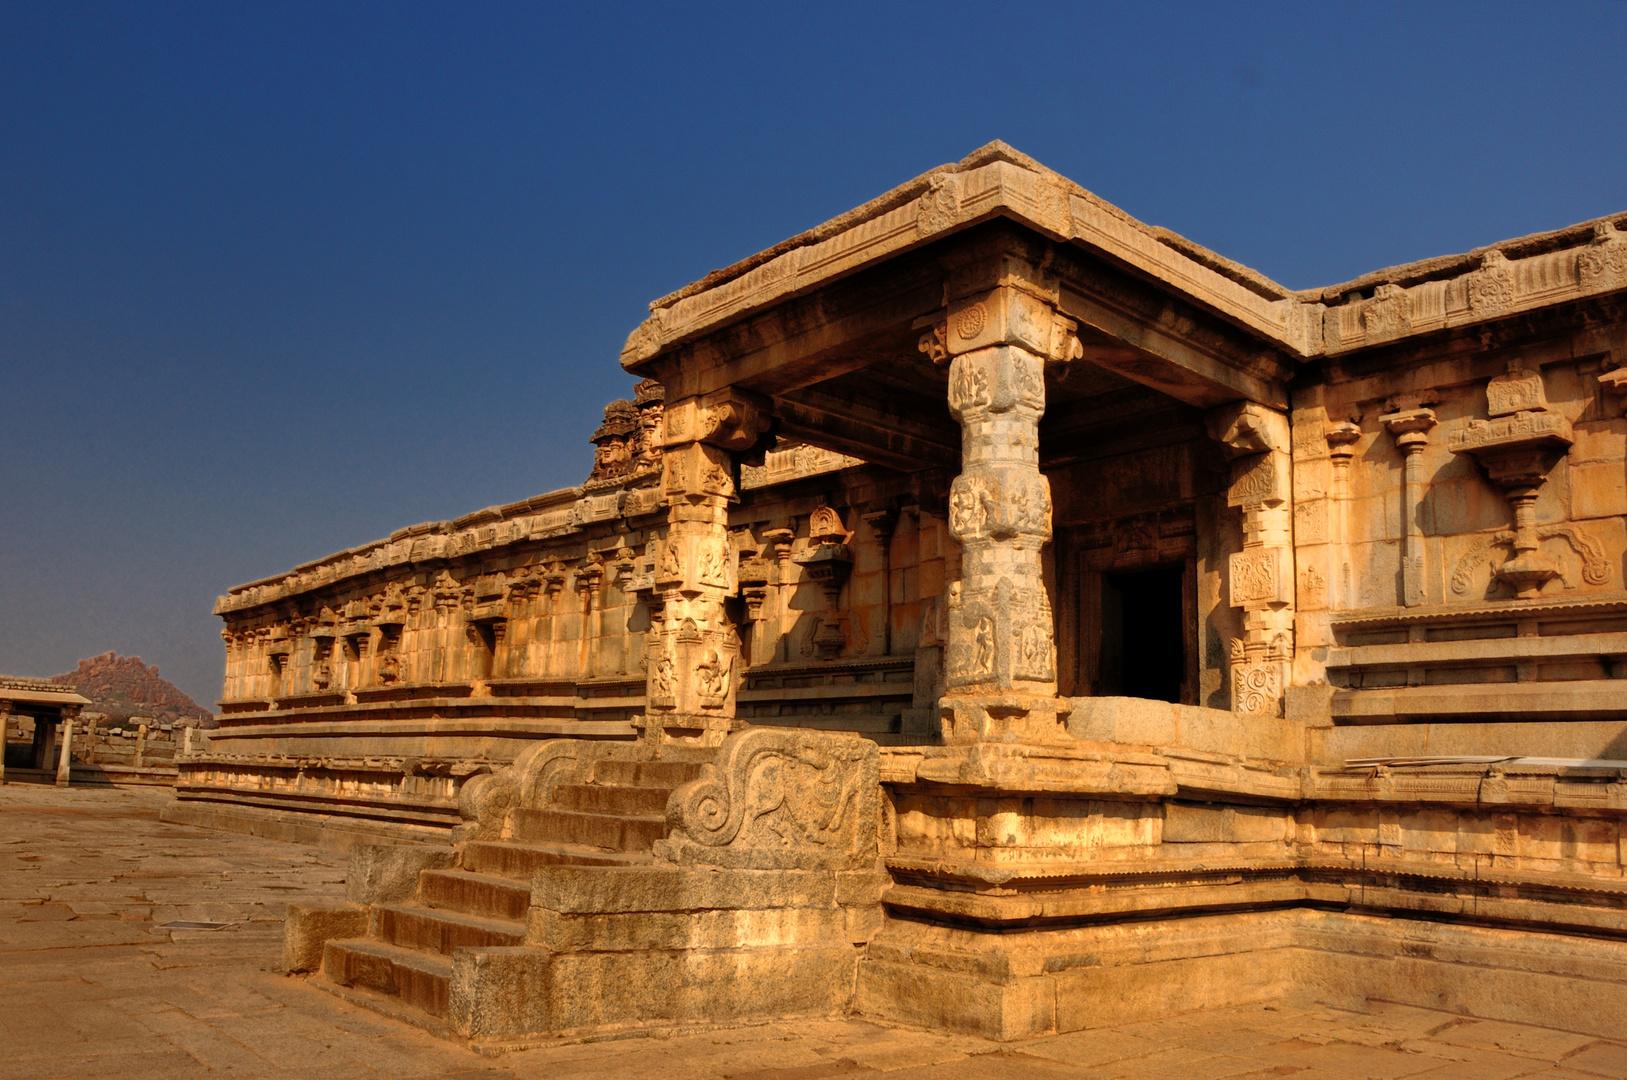 Vitthala Tempel in Hampi